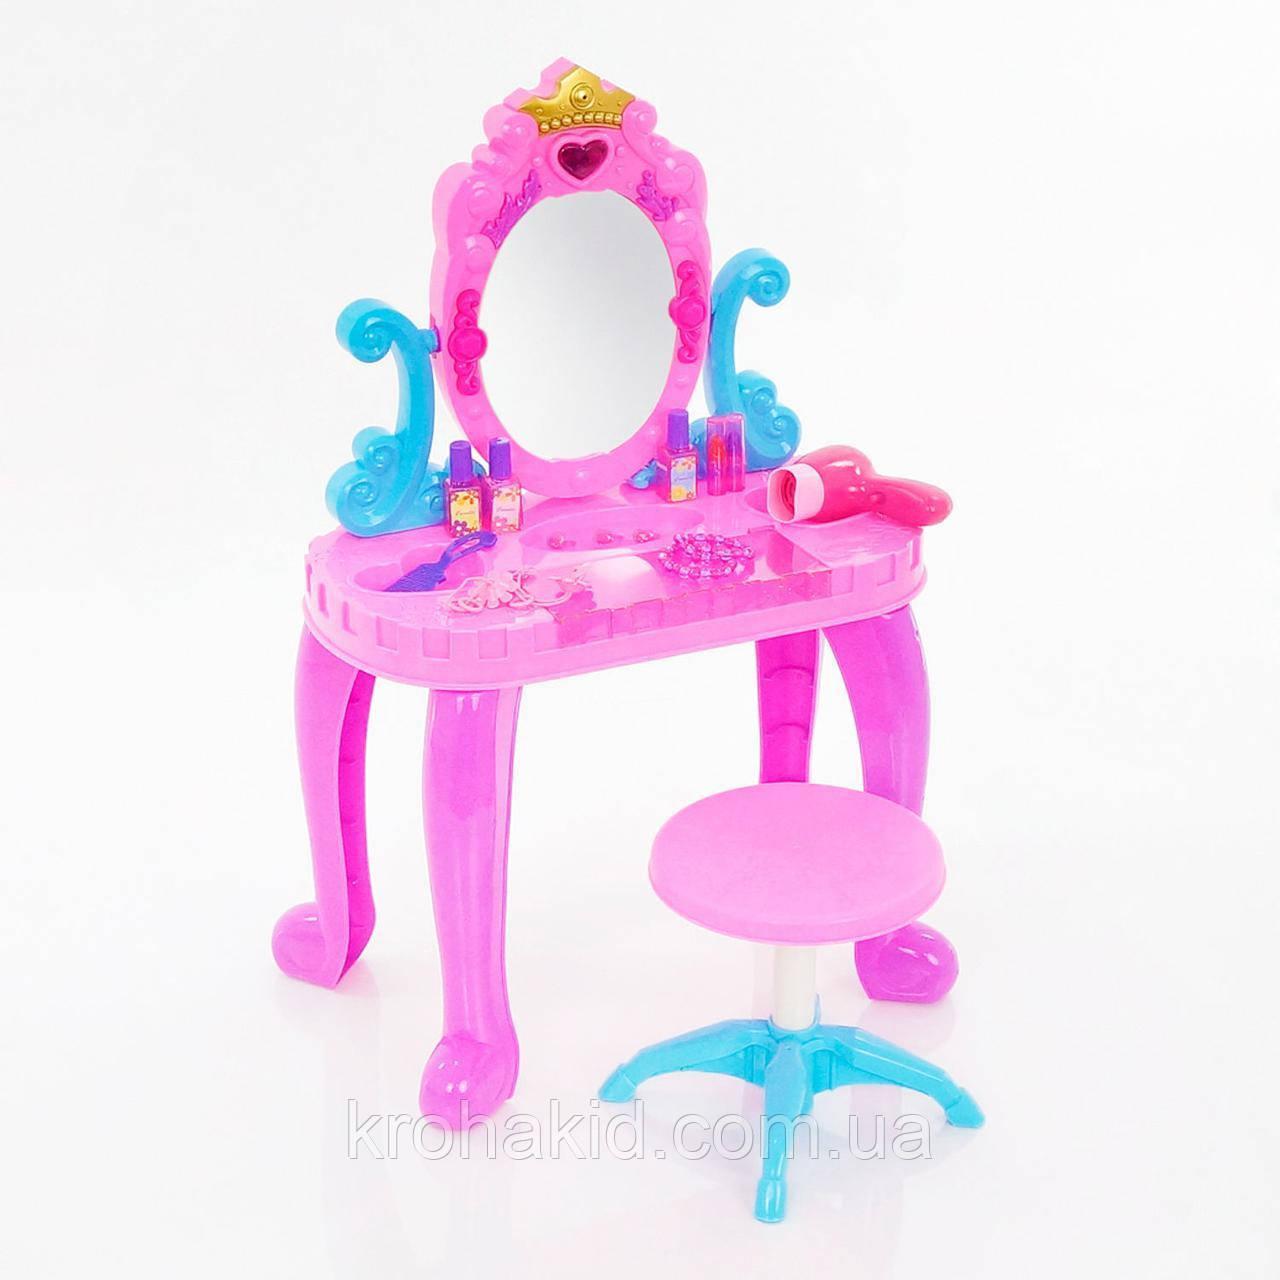 Детский Туалетный столик 661-39 (муз.,свет.,стул,фен, аксессуары) размер 44-23-74 см